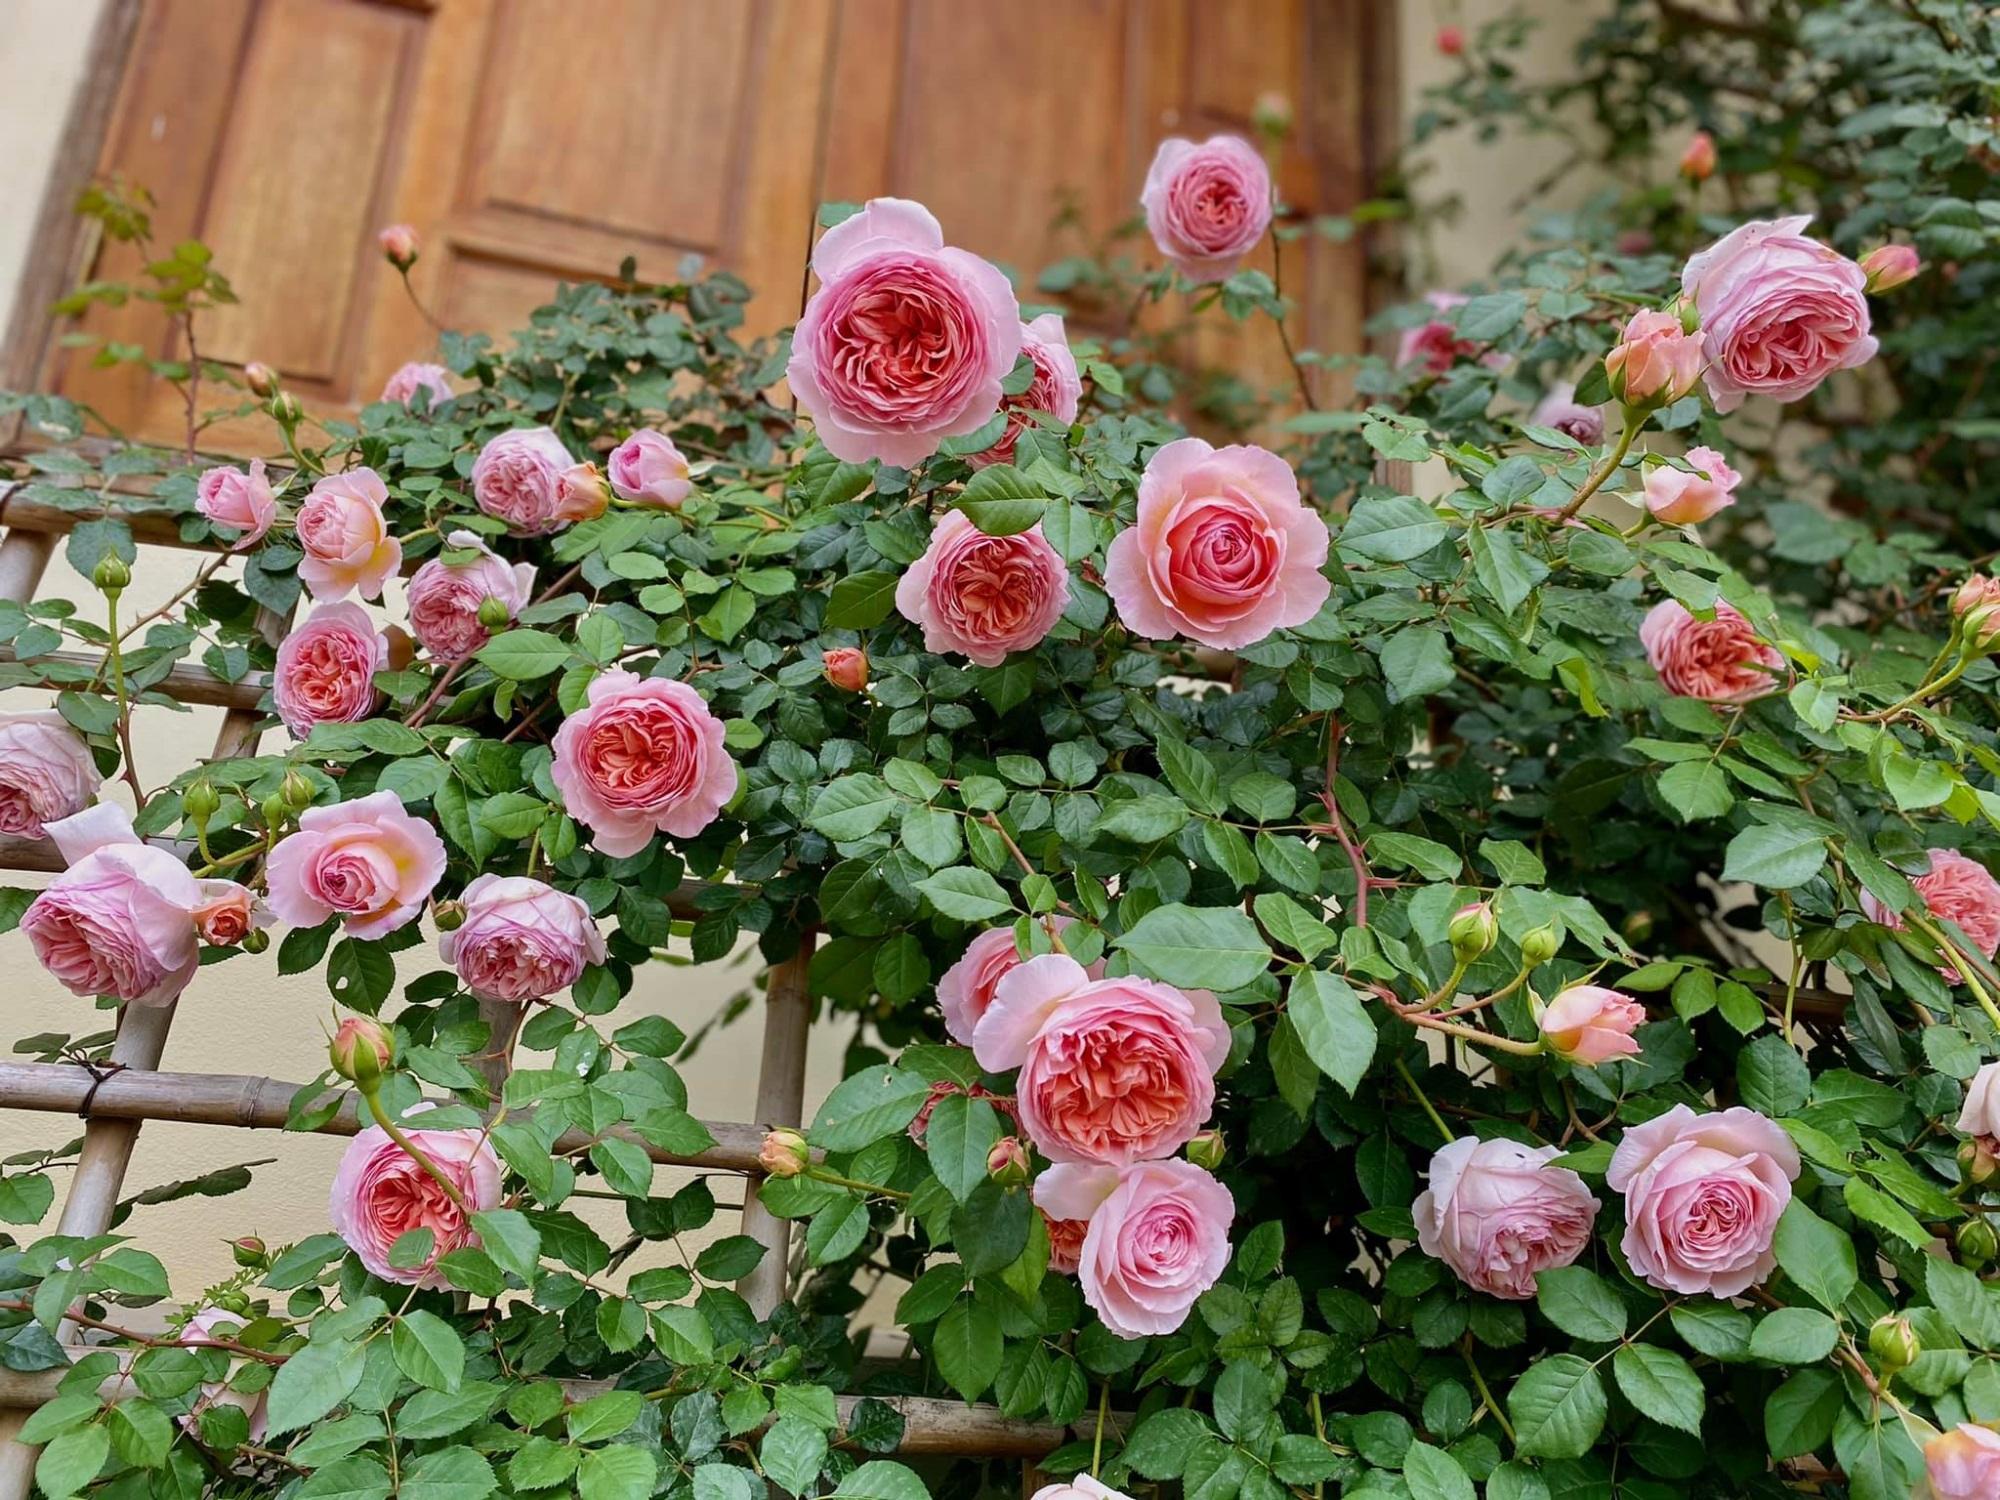 Bí quyết cực dễ để chăm giàn hồng leo nở hoa ngút ngàn, đẹp như trời tây - Ảnh 3